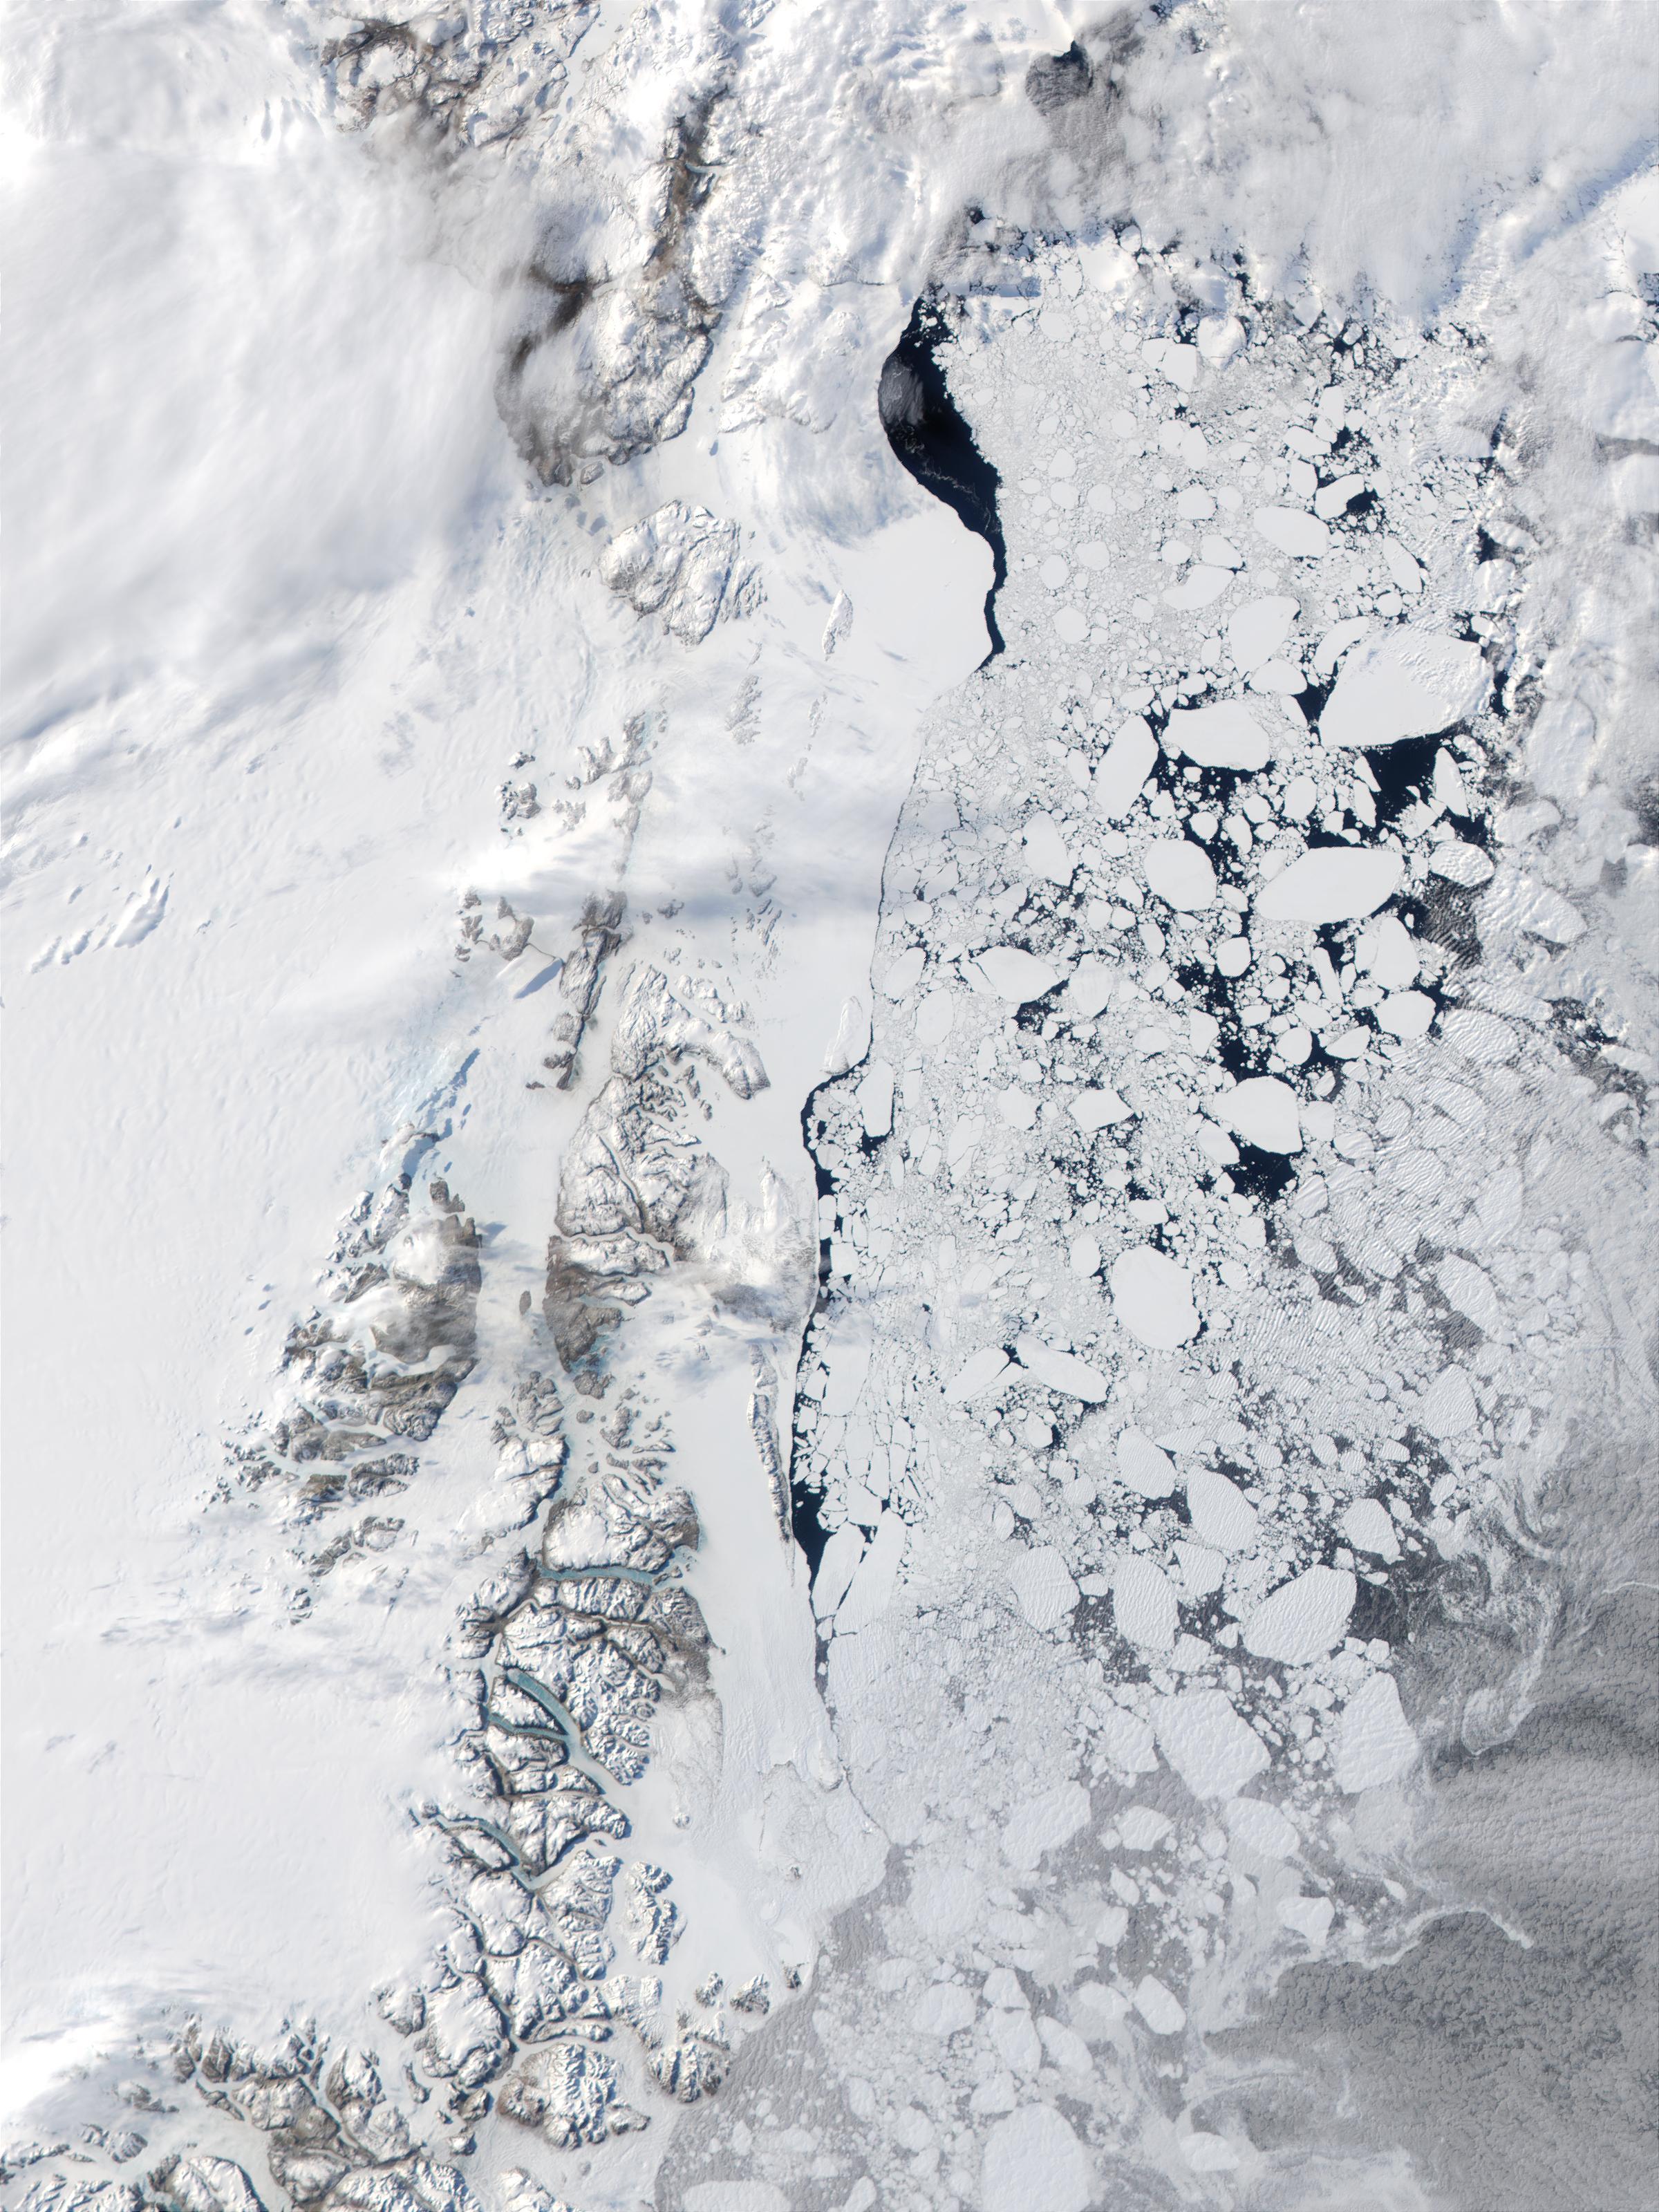 Costa este de Groenlandia